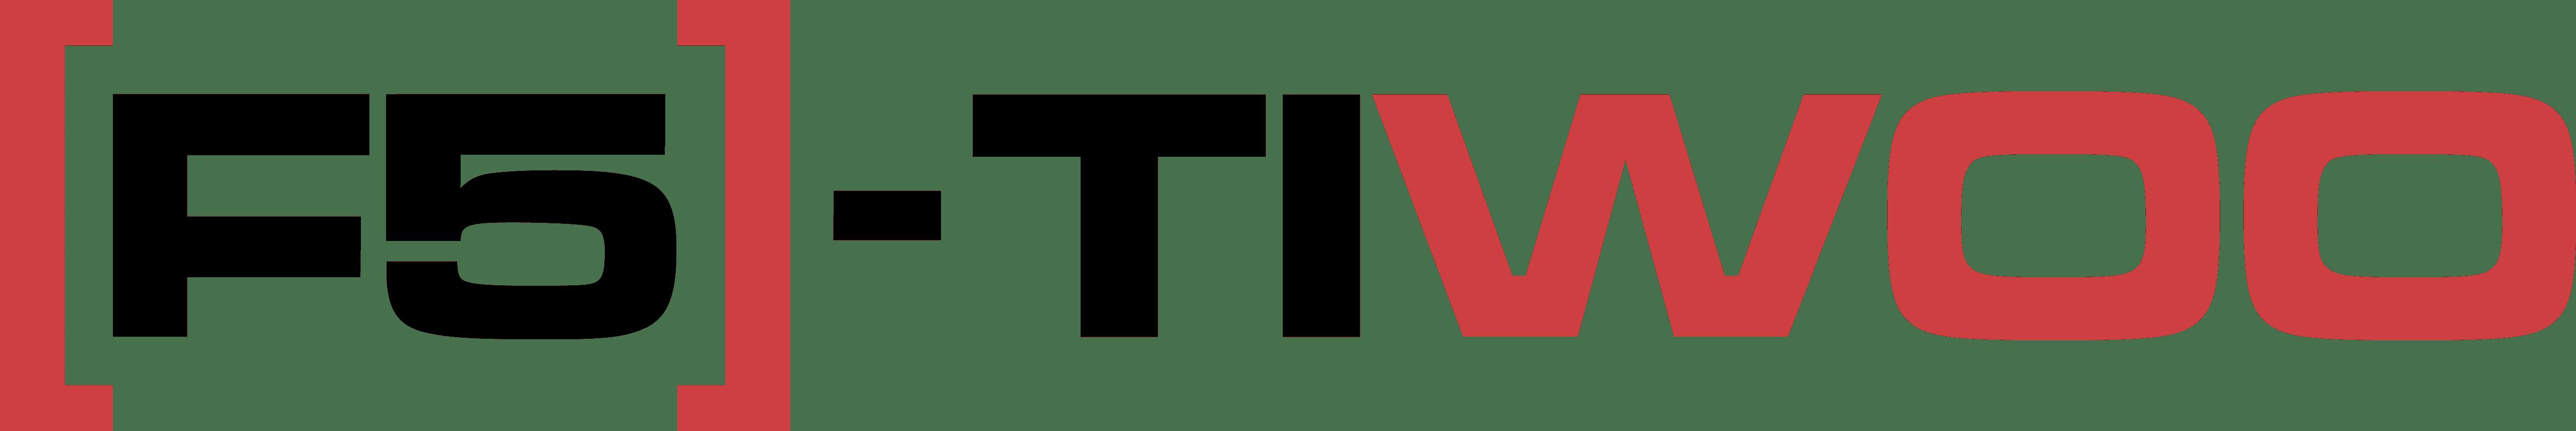 Zeitarbeitssoftware F5 tiwoo logo Zeitarbeit Software